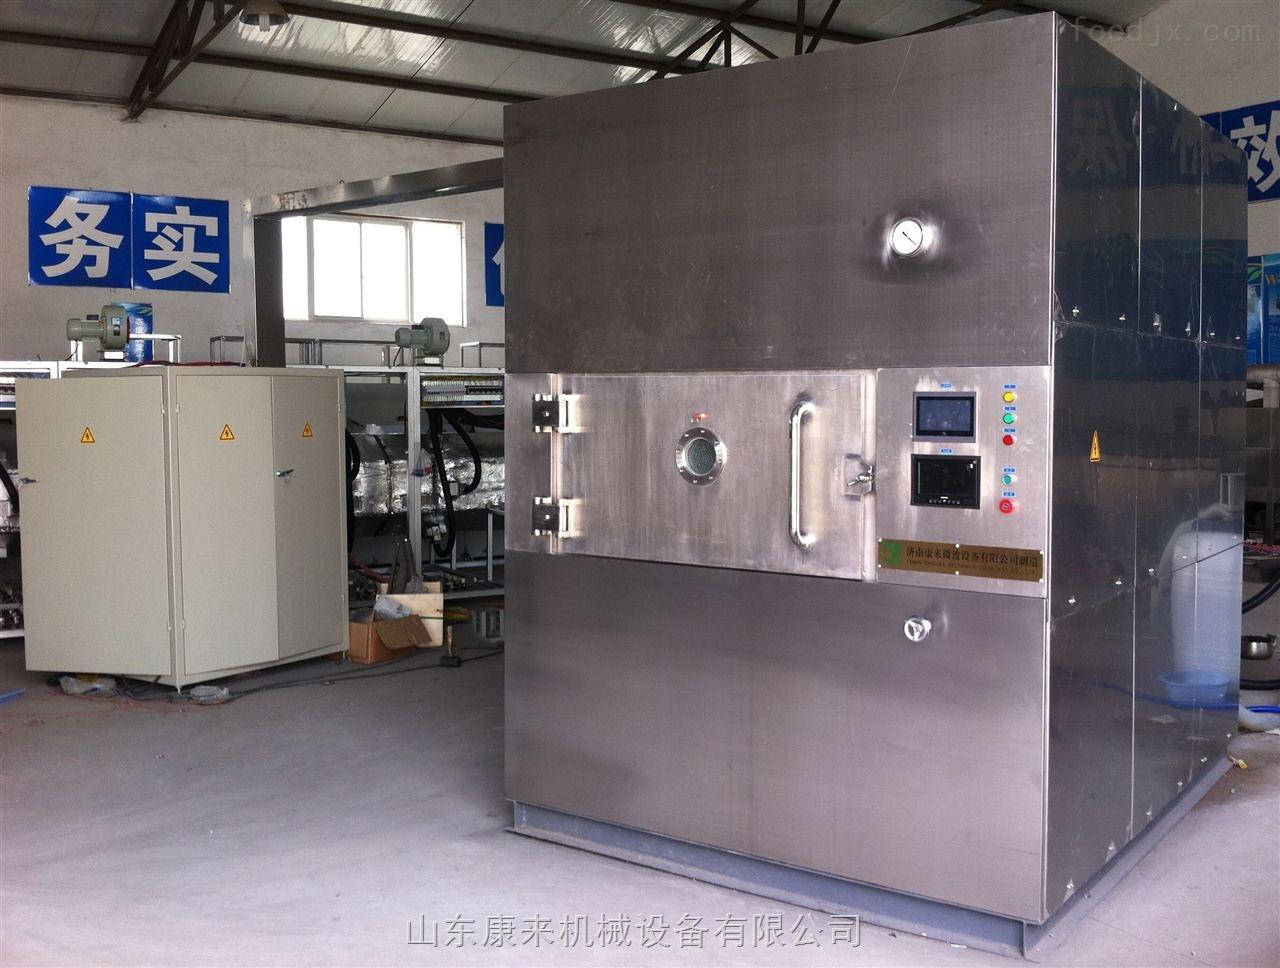 微波干燥杀菌设备,济南微波设备公司,微波设备厂家